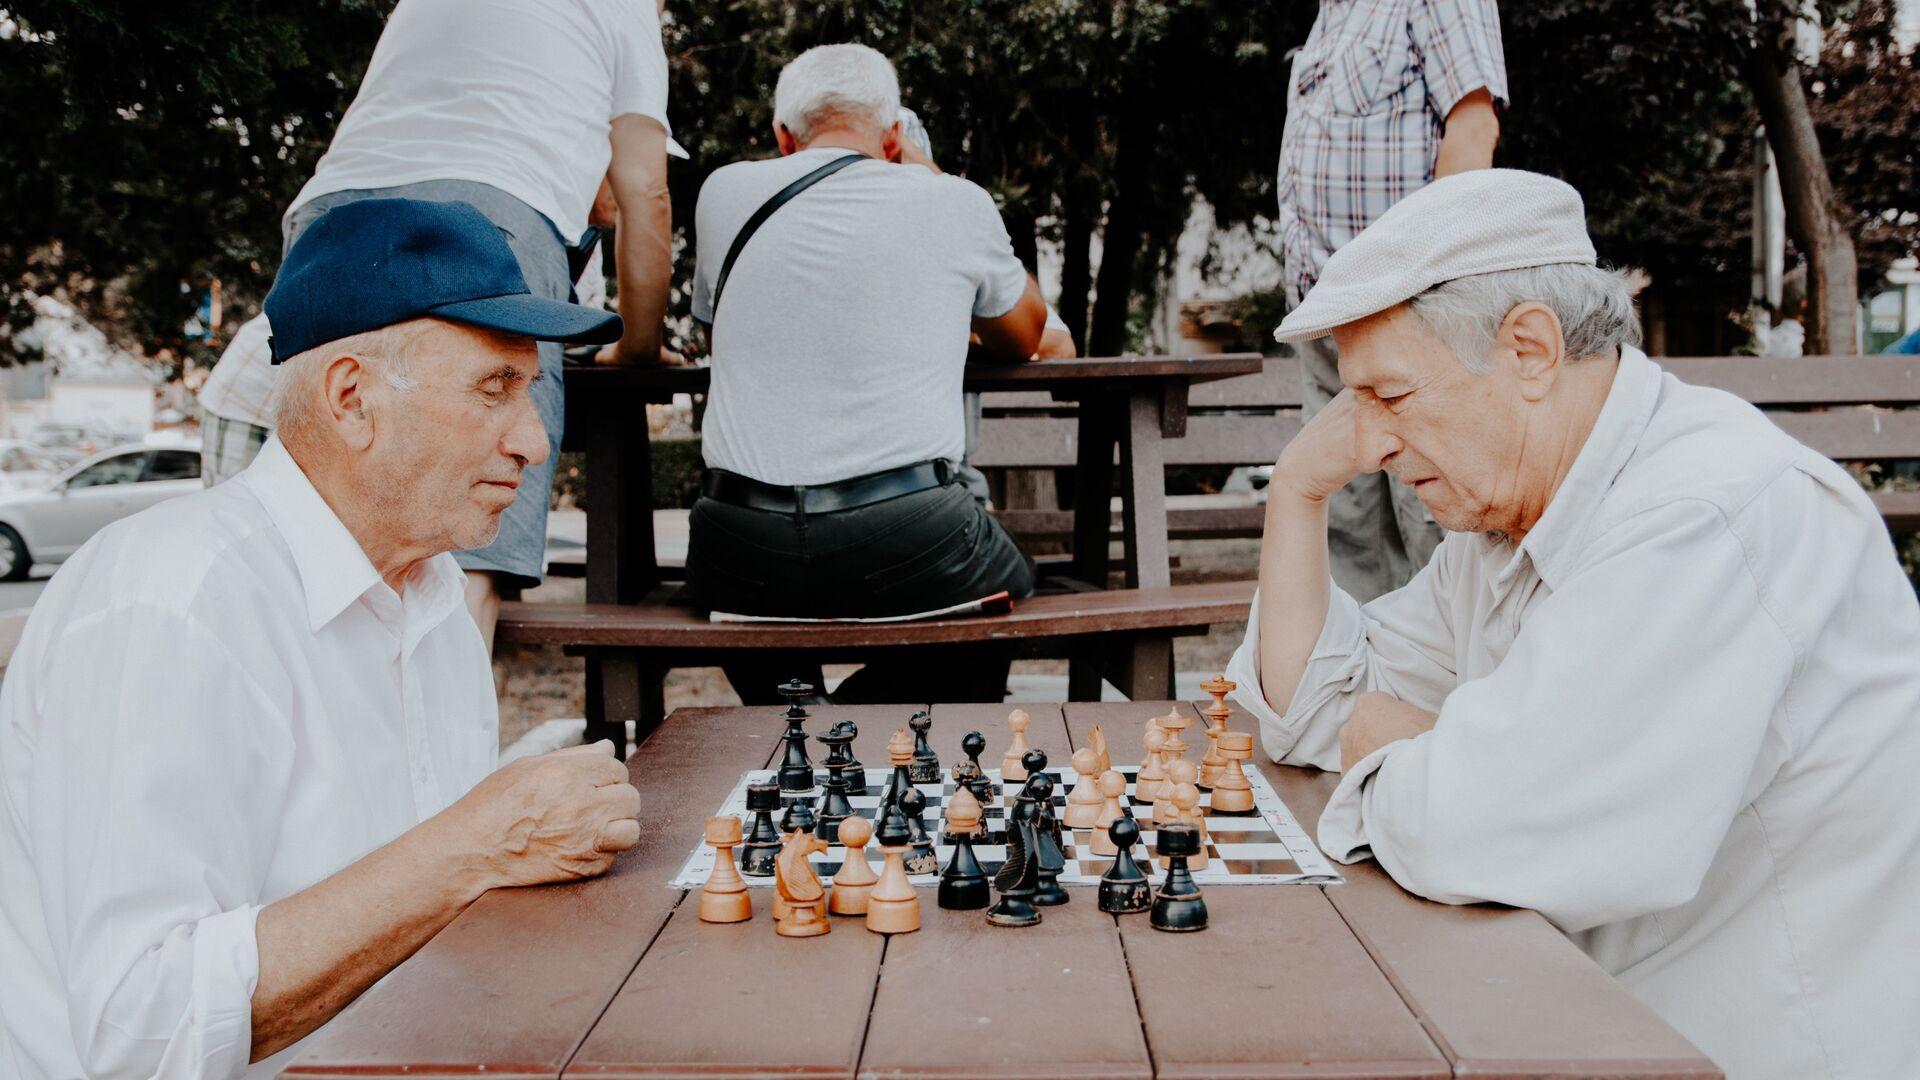 Dos ancianos jugando ajedrez (imagen referencial) - Sputnik Mundo, 1920, 29.09.2021